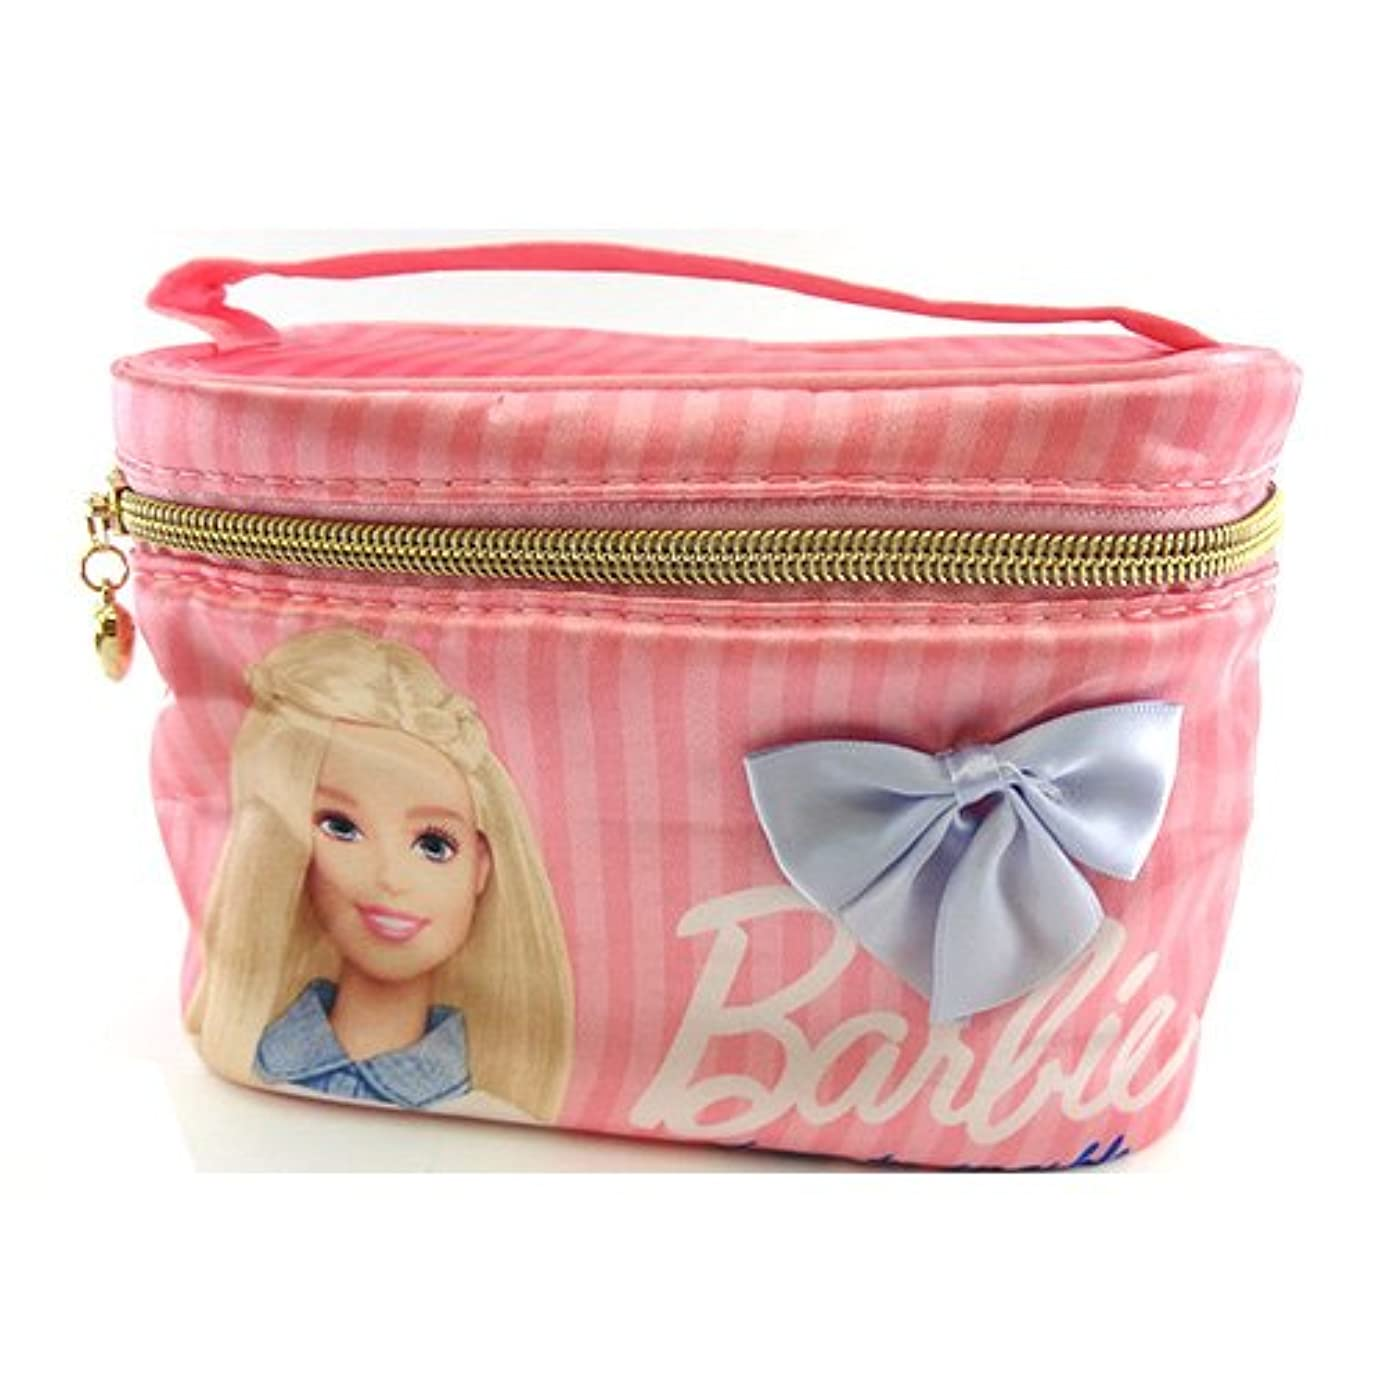 ライター叫ぶ潜むバービー Barbie サテン バニティポーチ ライトピンク 11665【Barbie ポーチ メイク ピンク 化粧】